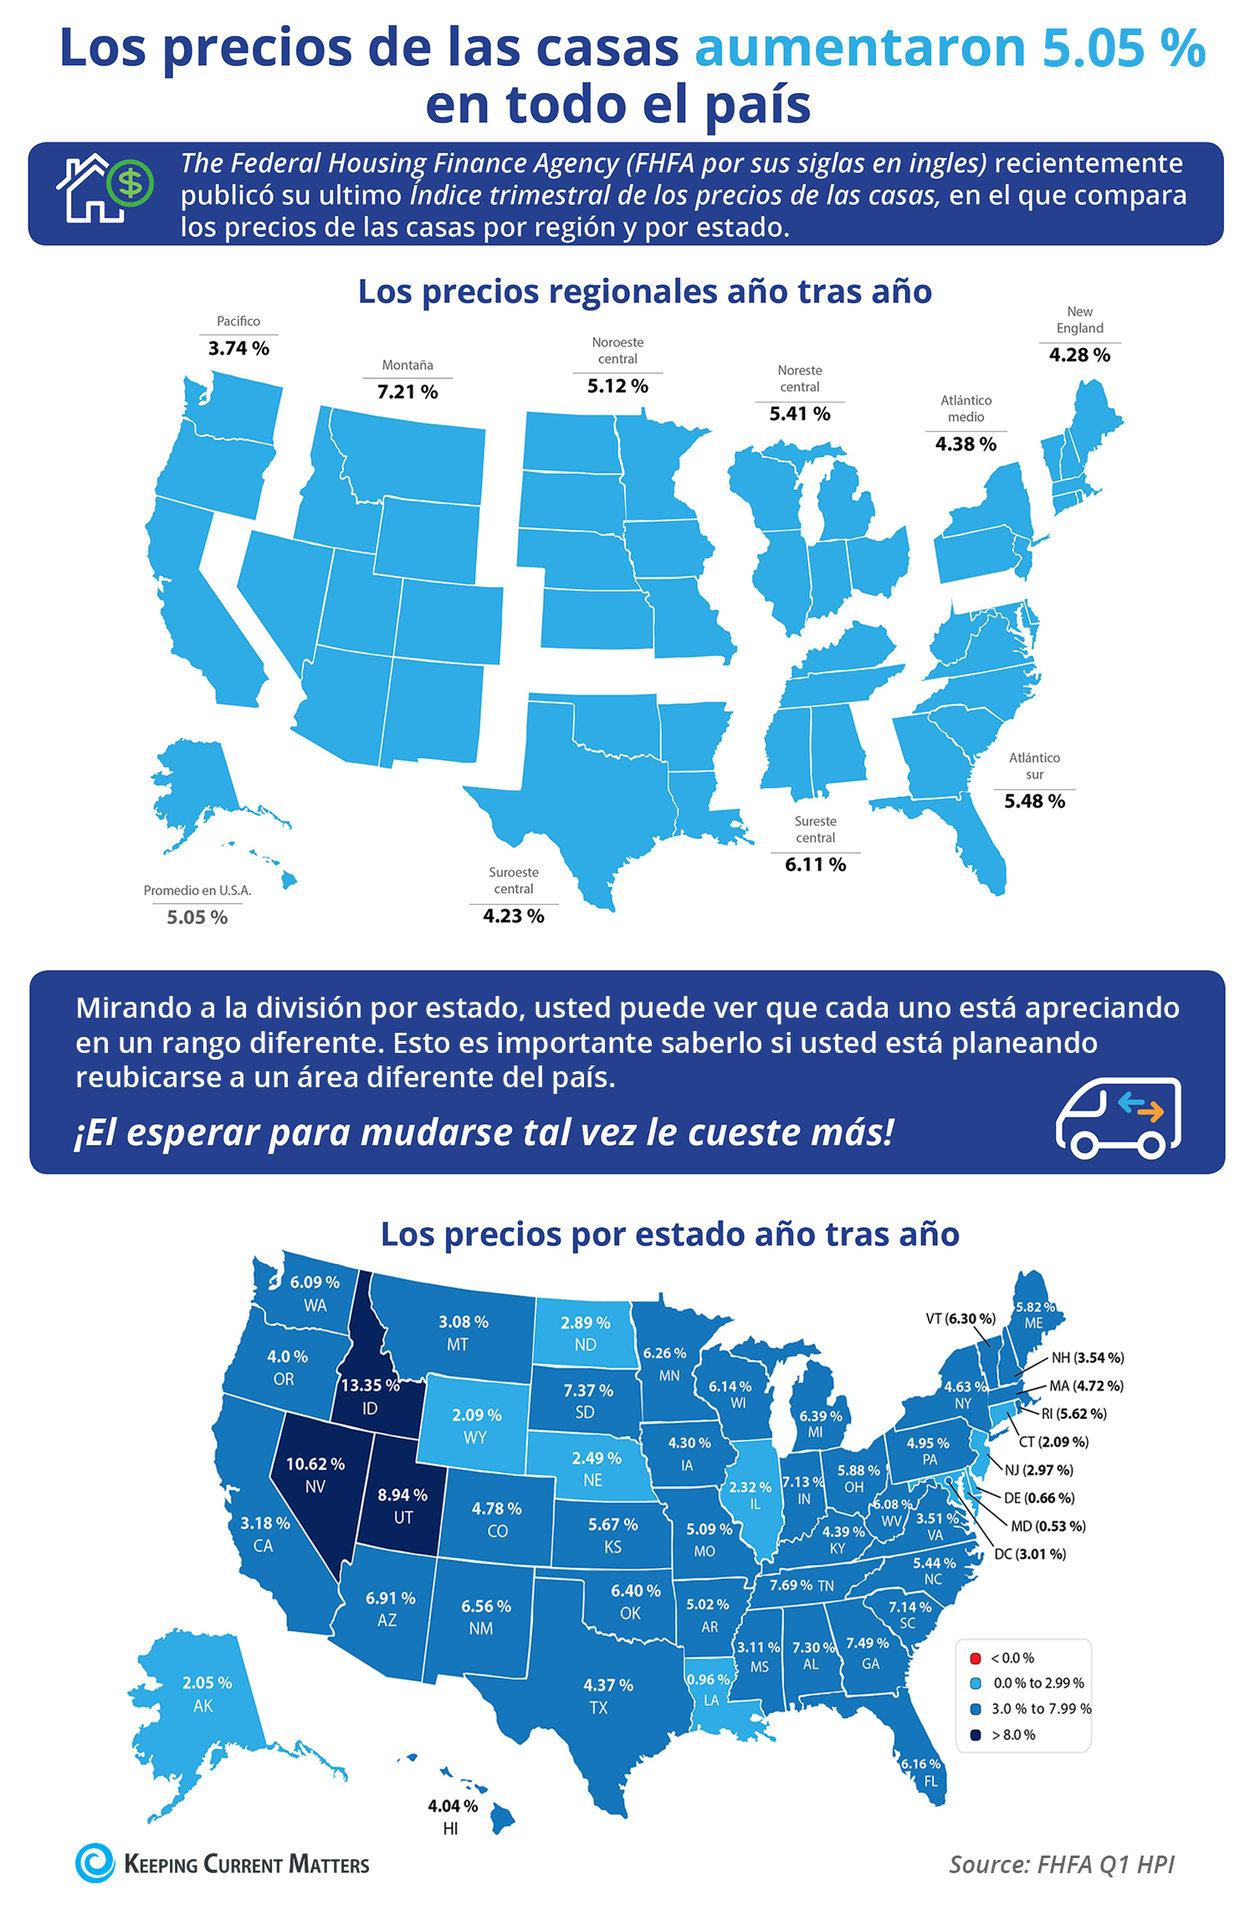 Los precios de las viviendas aumentaron 5.05 % a través del país [Infografía] | Keeping Current Matters